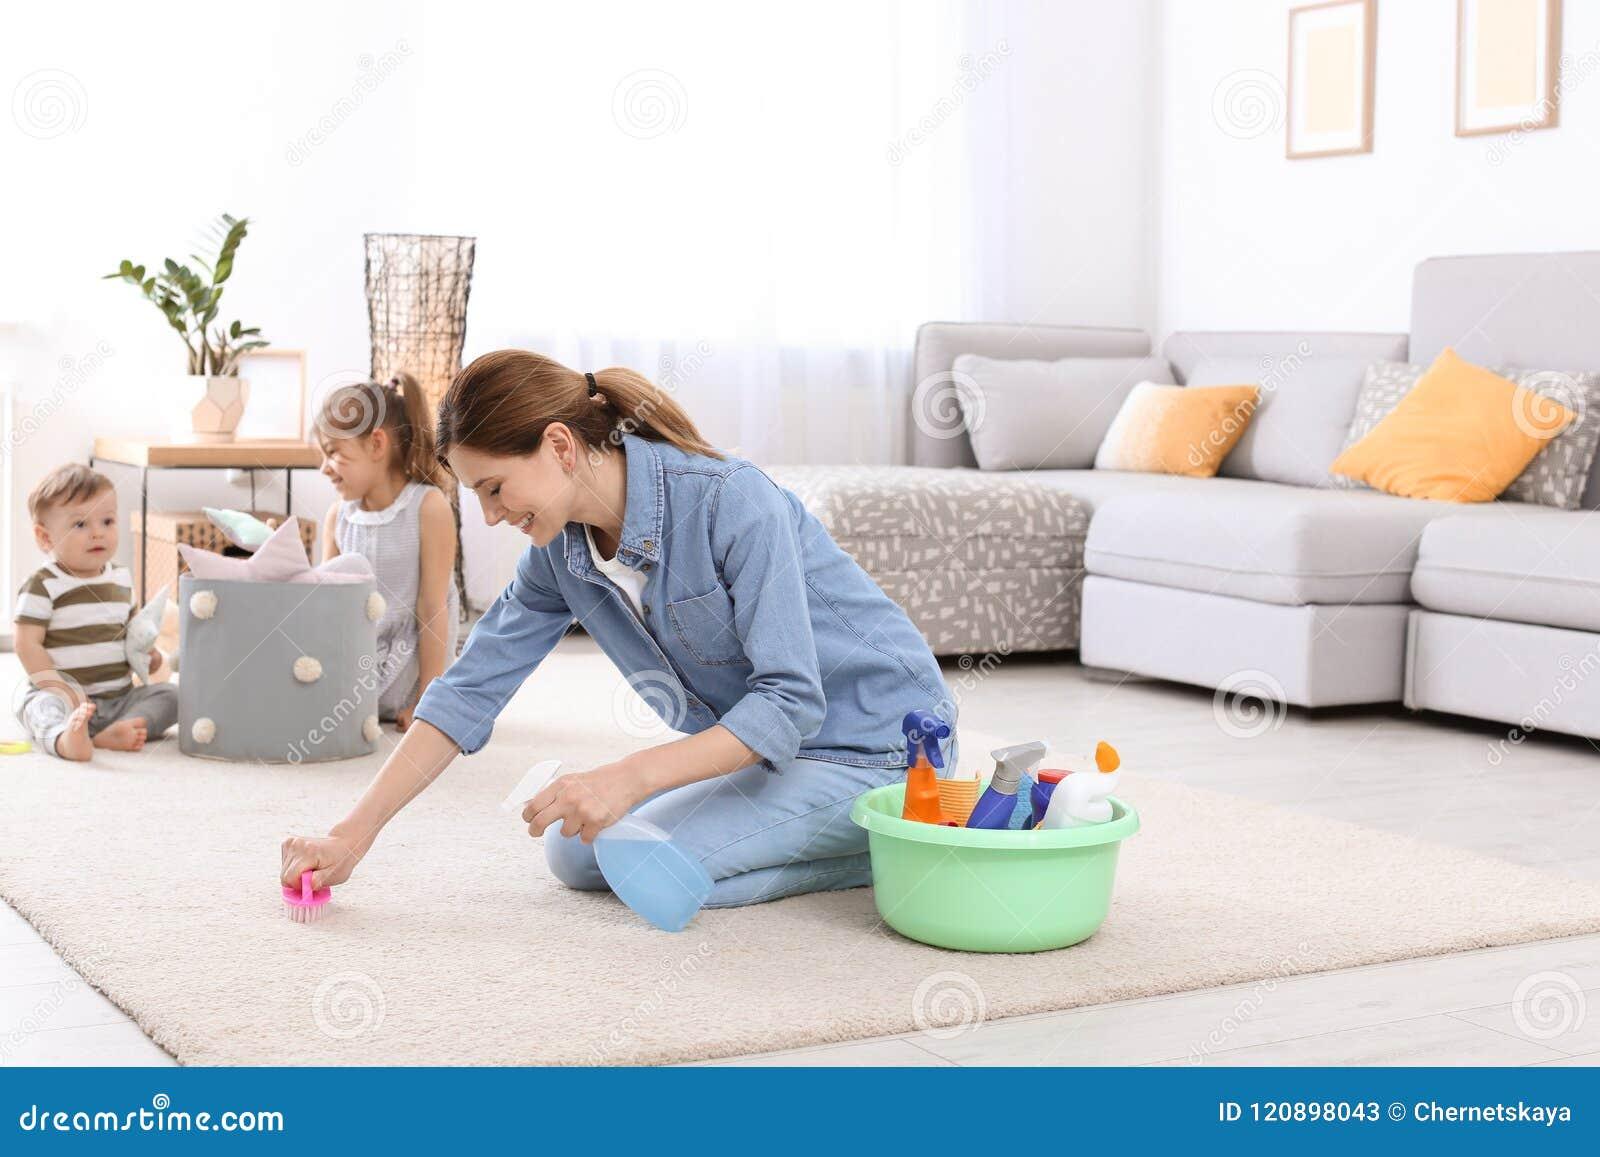 Gospodyni domowej cleaning dywan podczas gdy jej dzieci